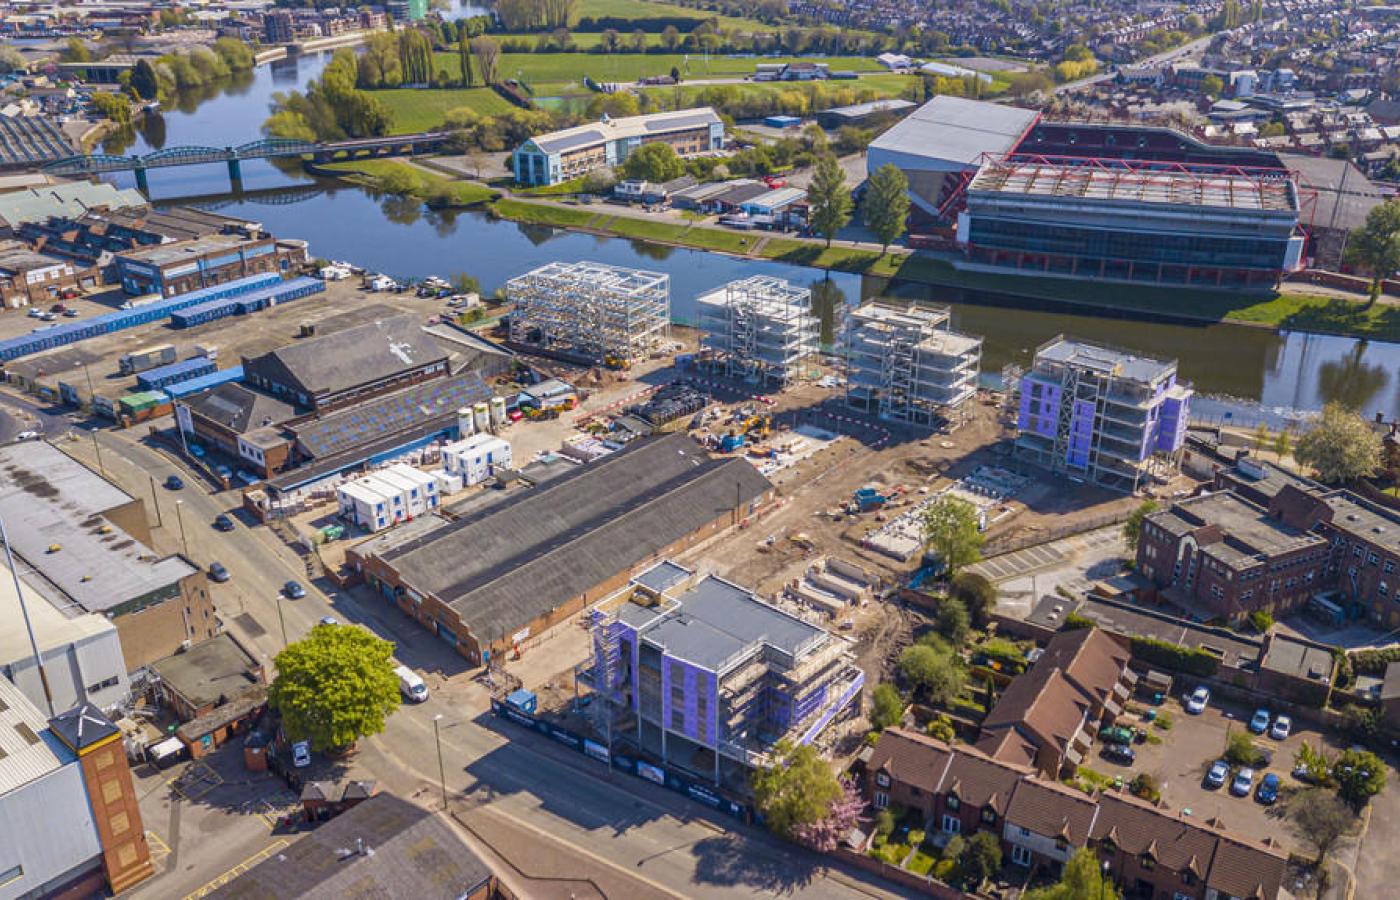 luxury apartment nottingham trent bridge quays aerial view